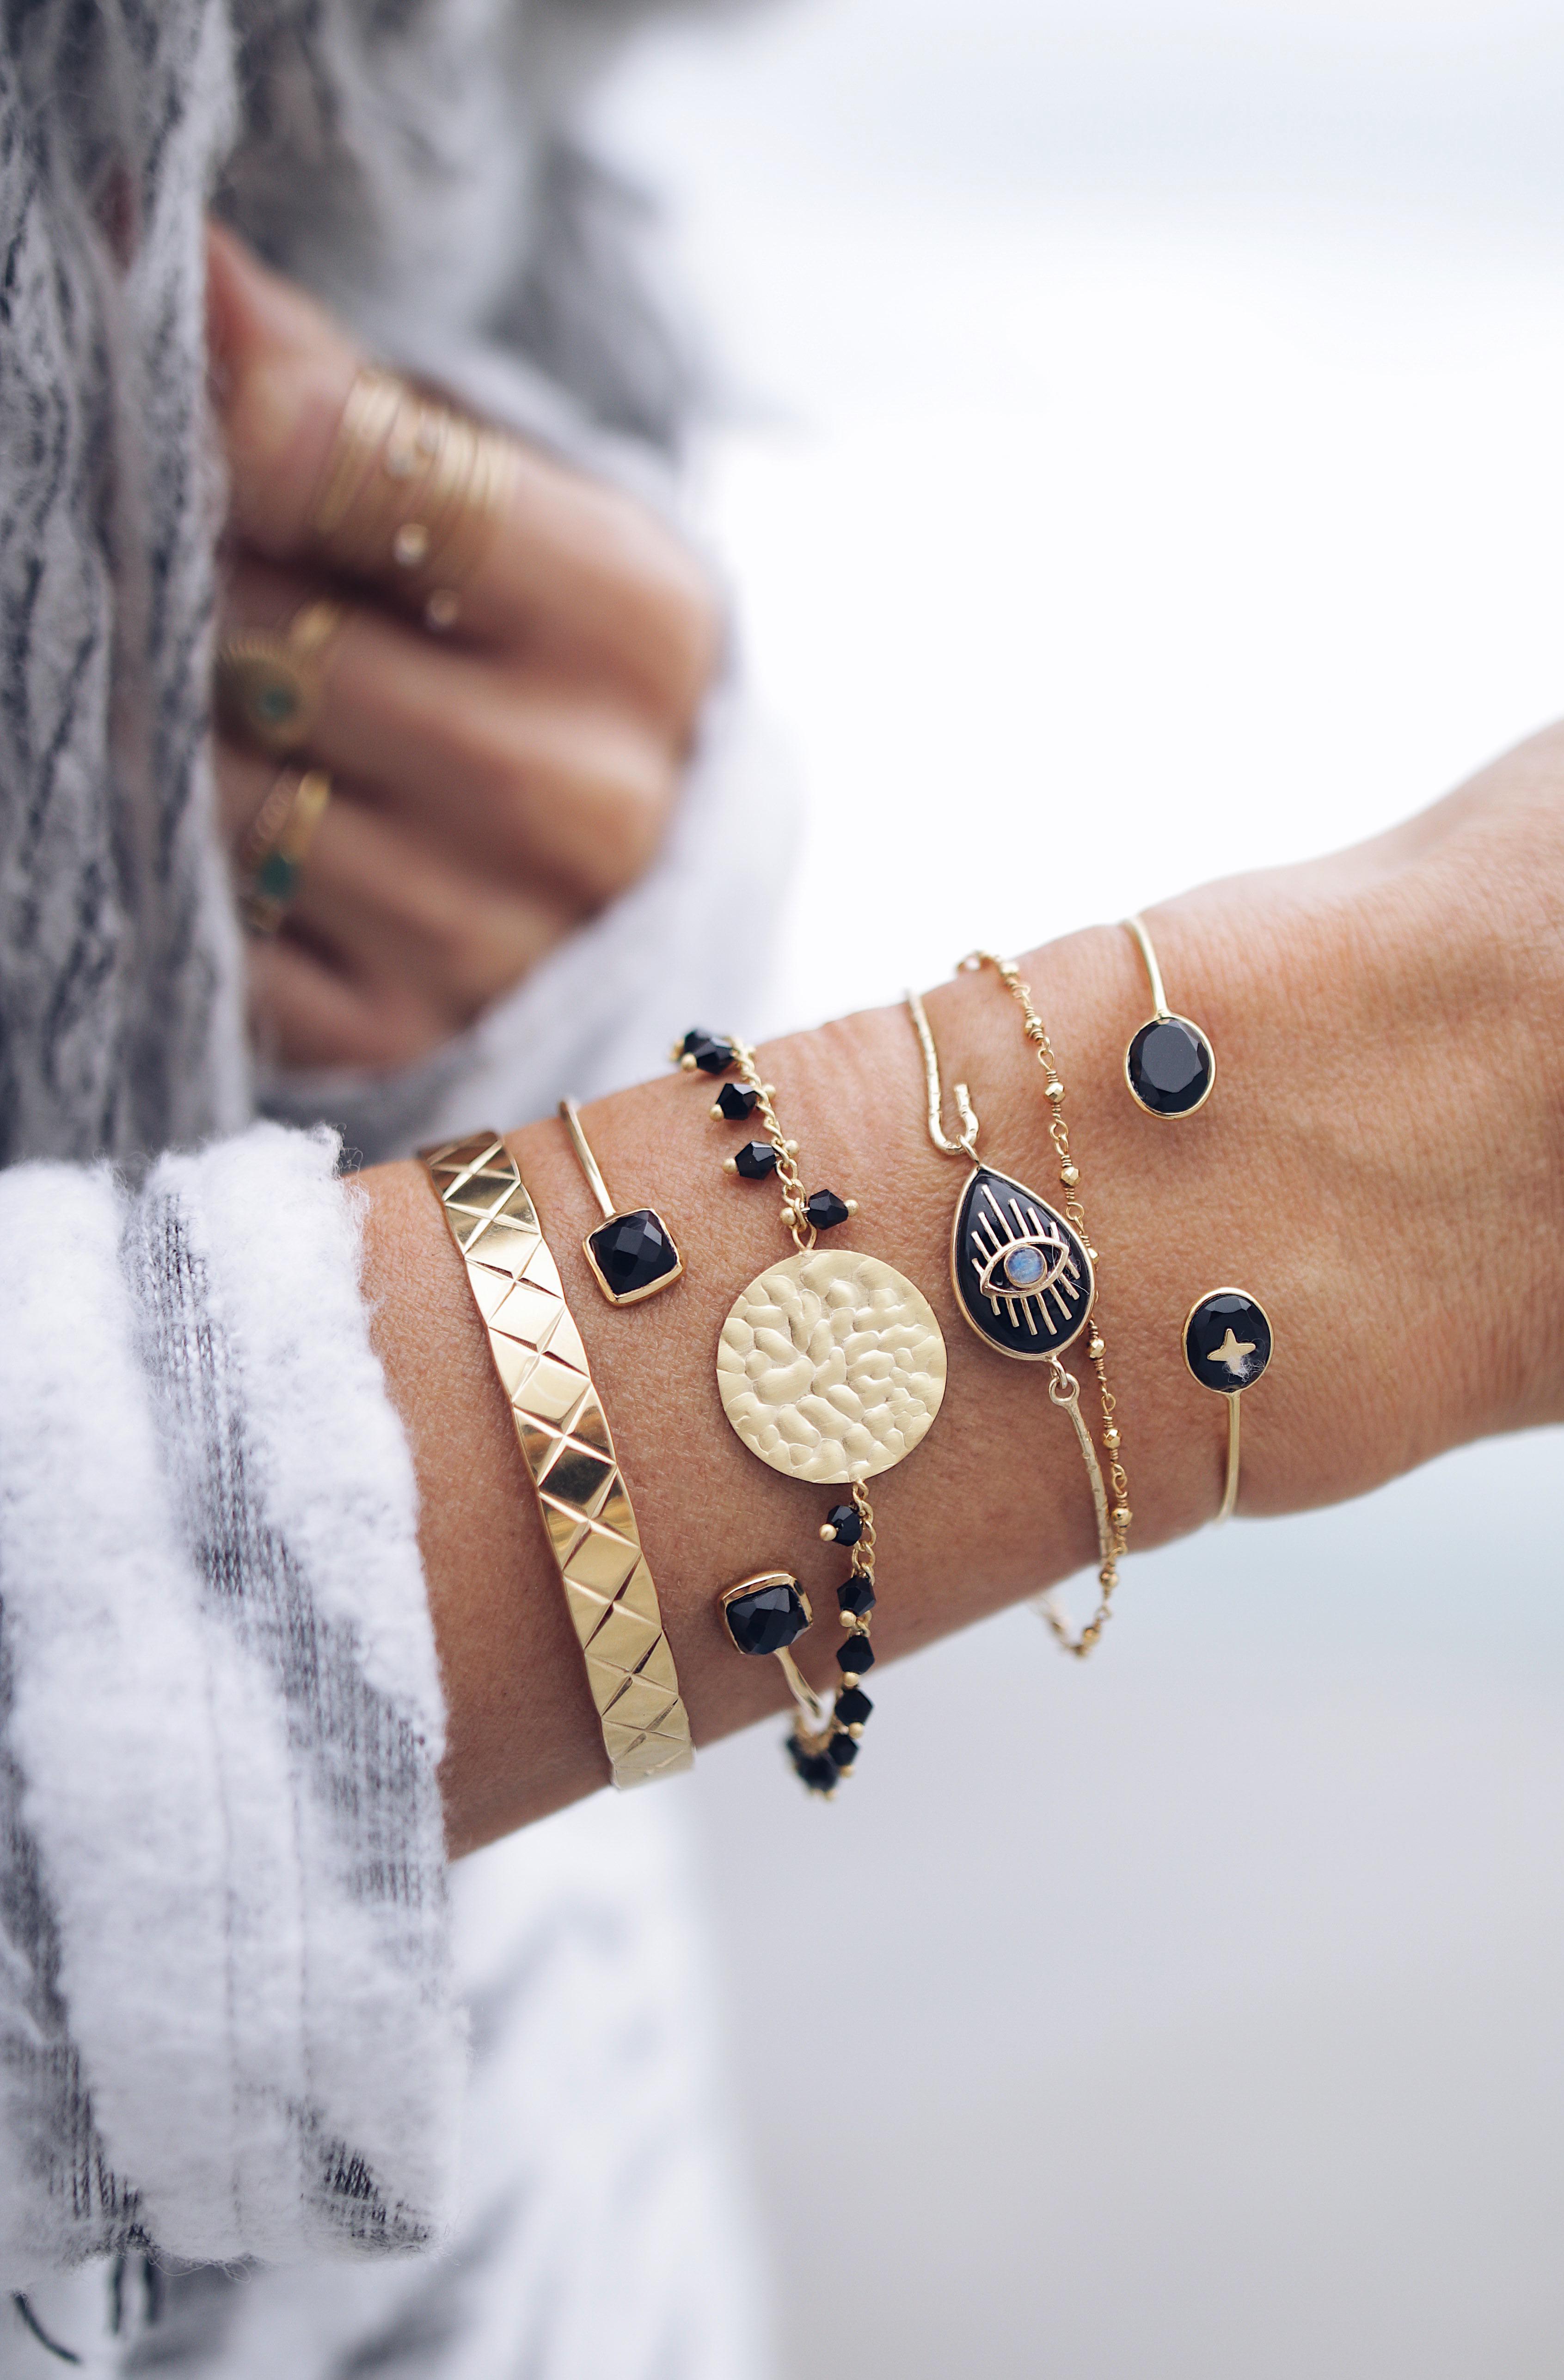 GOLD BRACELET, jewelry addict, gold jewelry